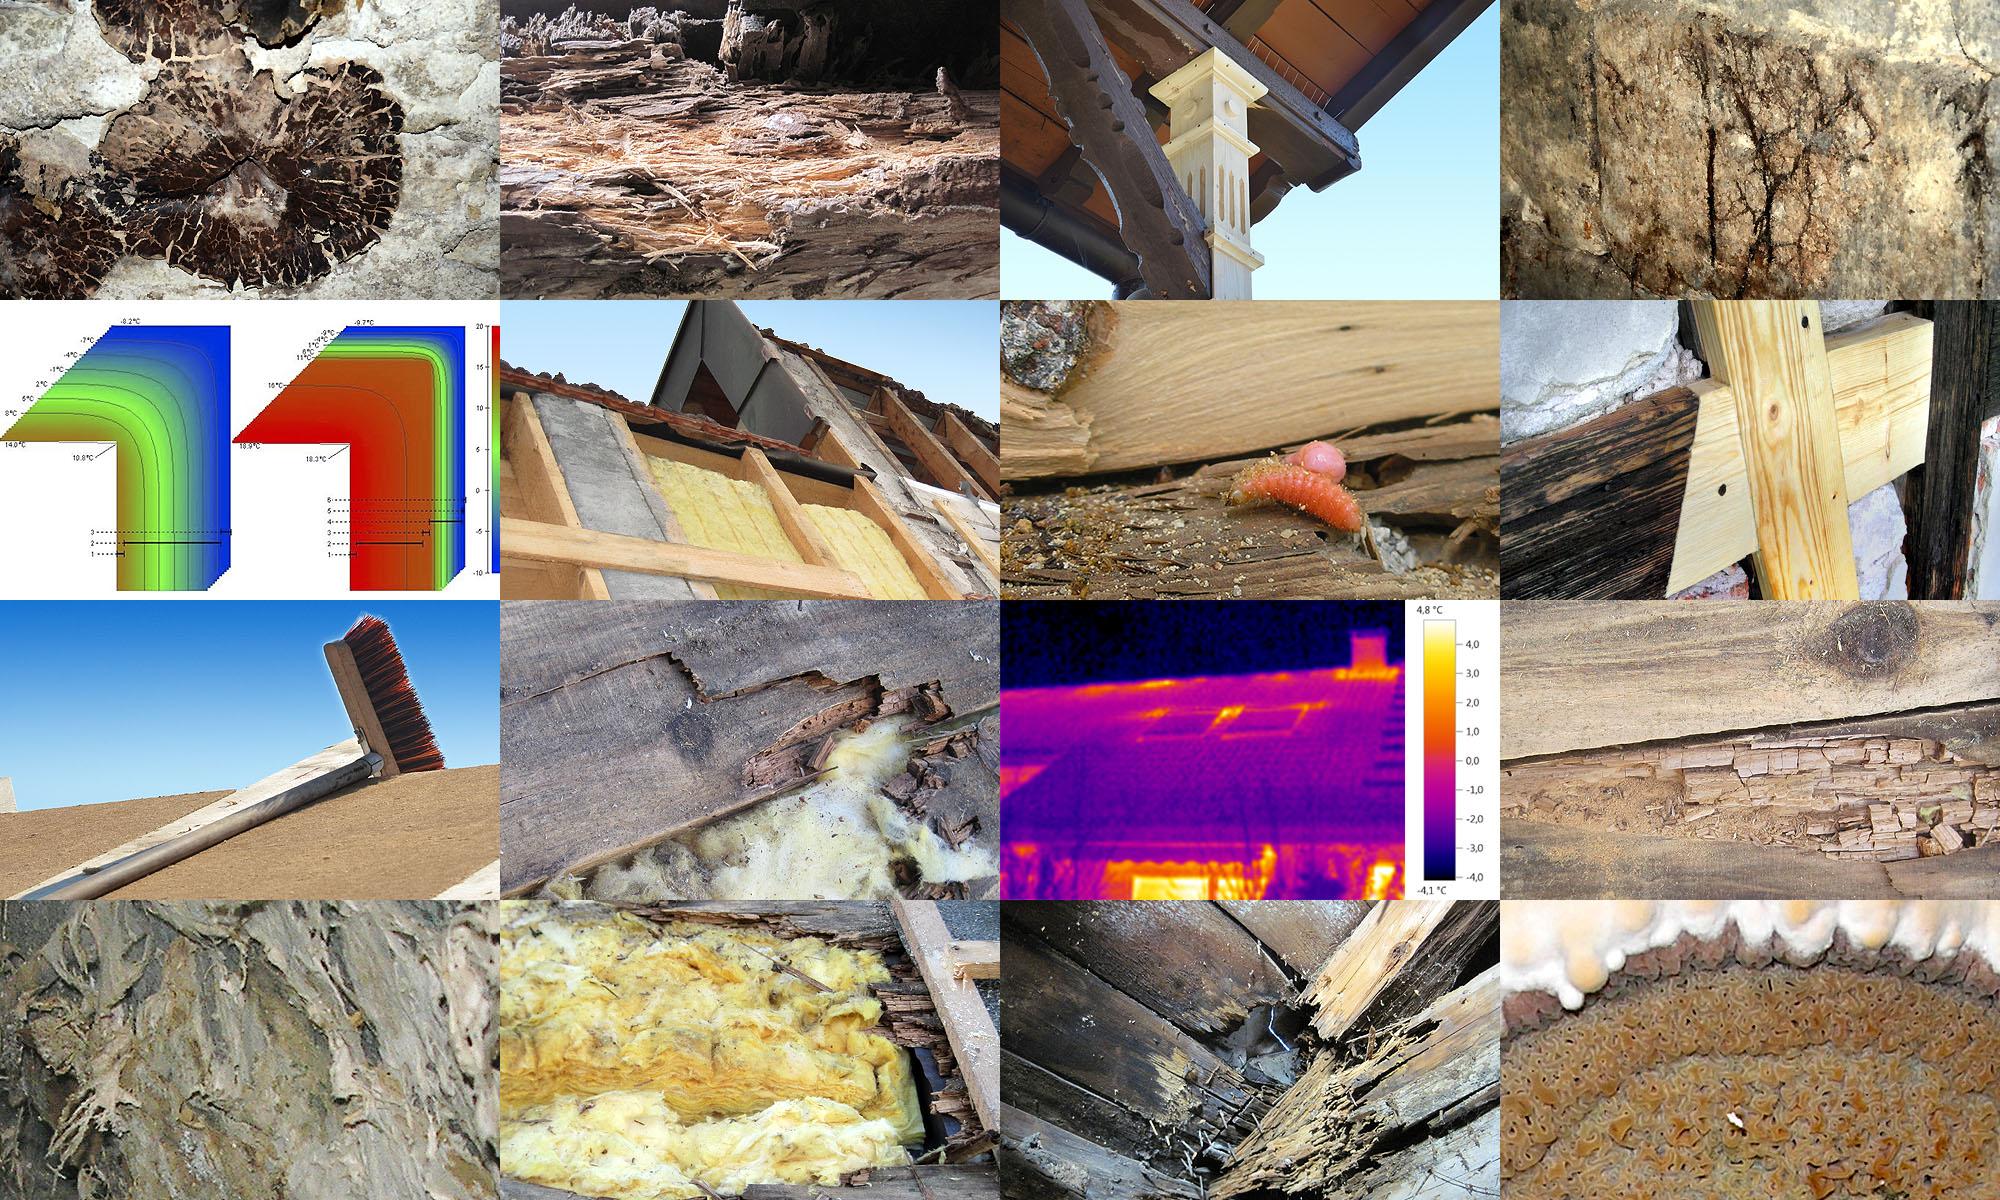 Bau-Sachverständiger im Bereich Zimmerei / Arbeitsbeispiele Schadensaufnahme für Gutachten